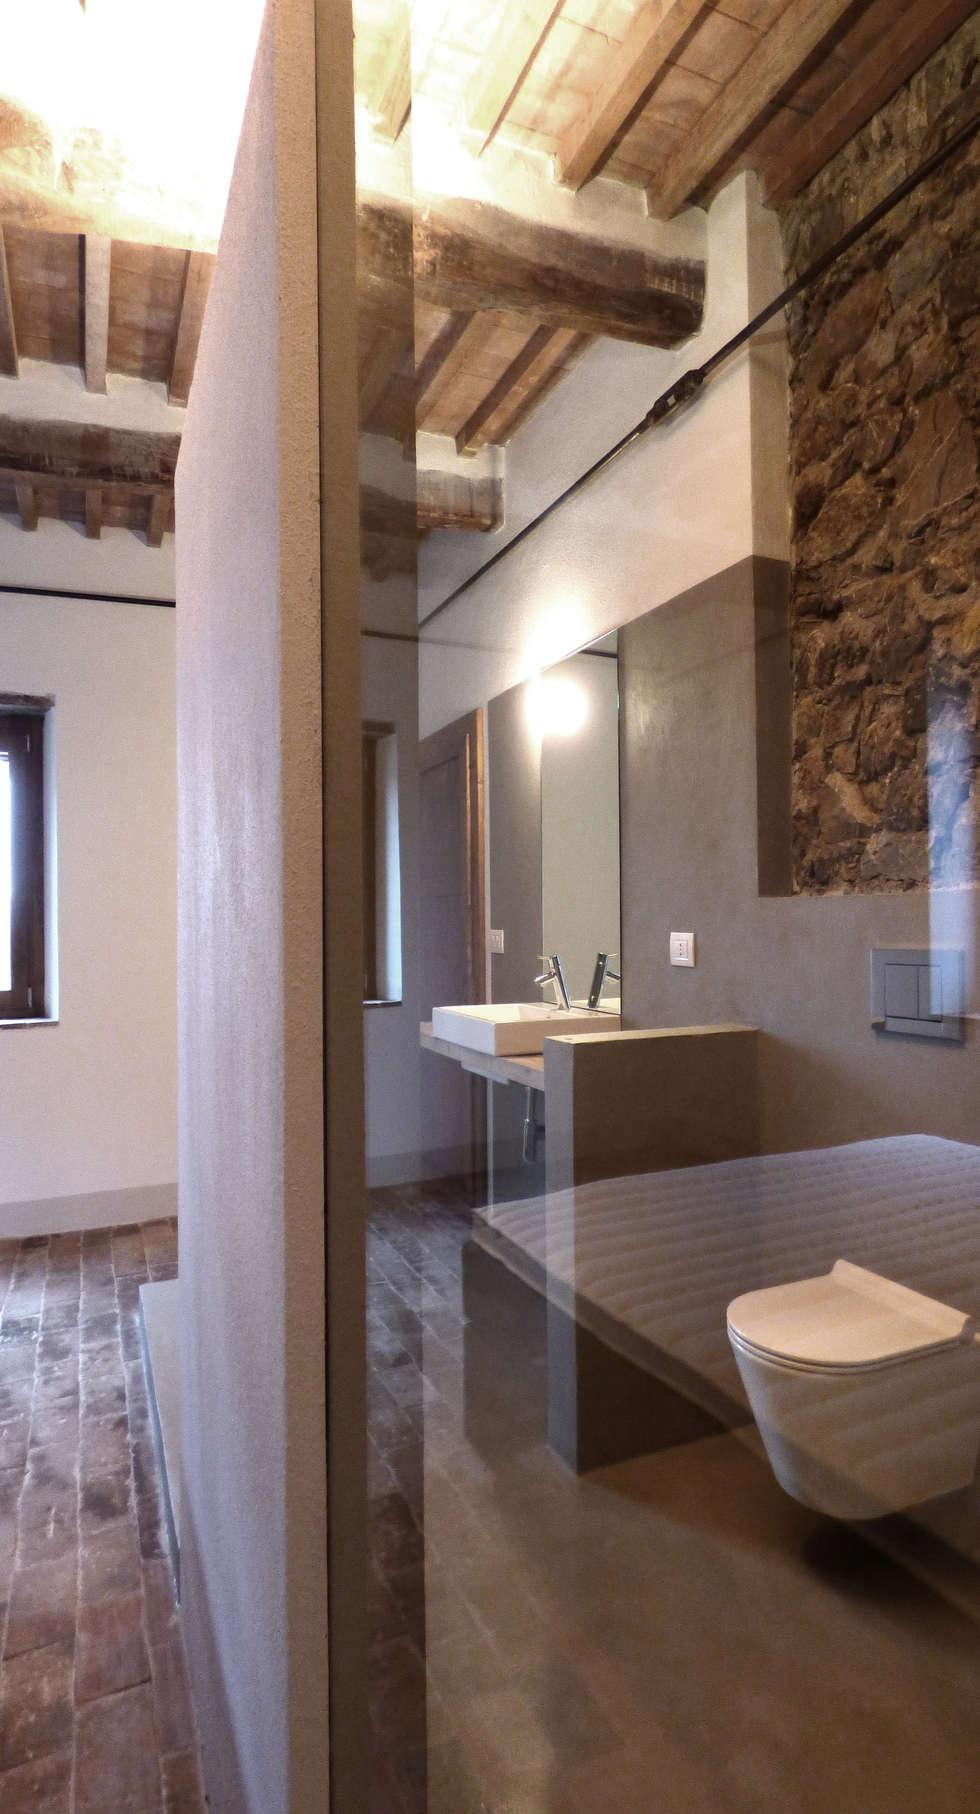 Bagno camera padronale: Bagno in stile in stile Moderno di MAPR architettura